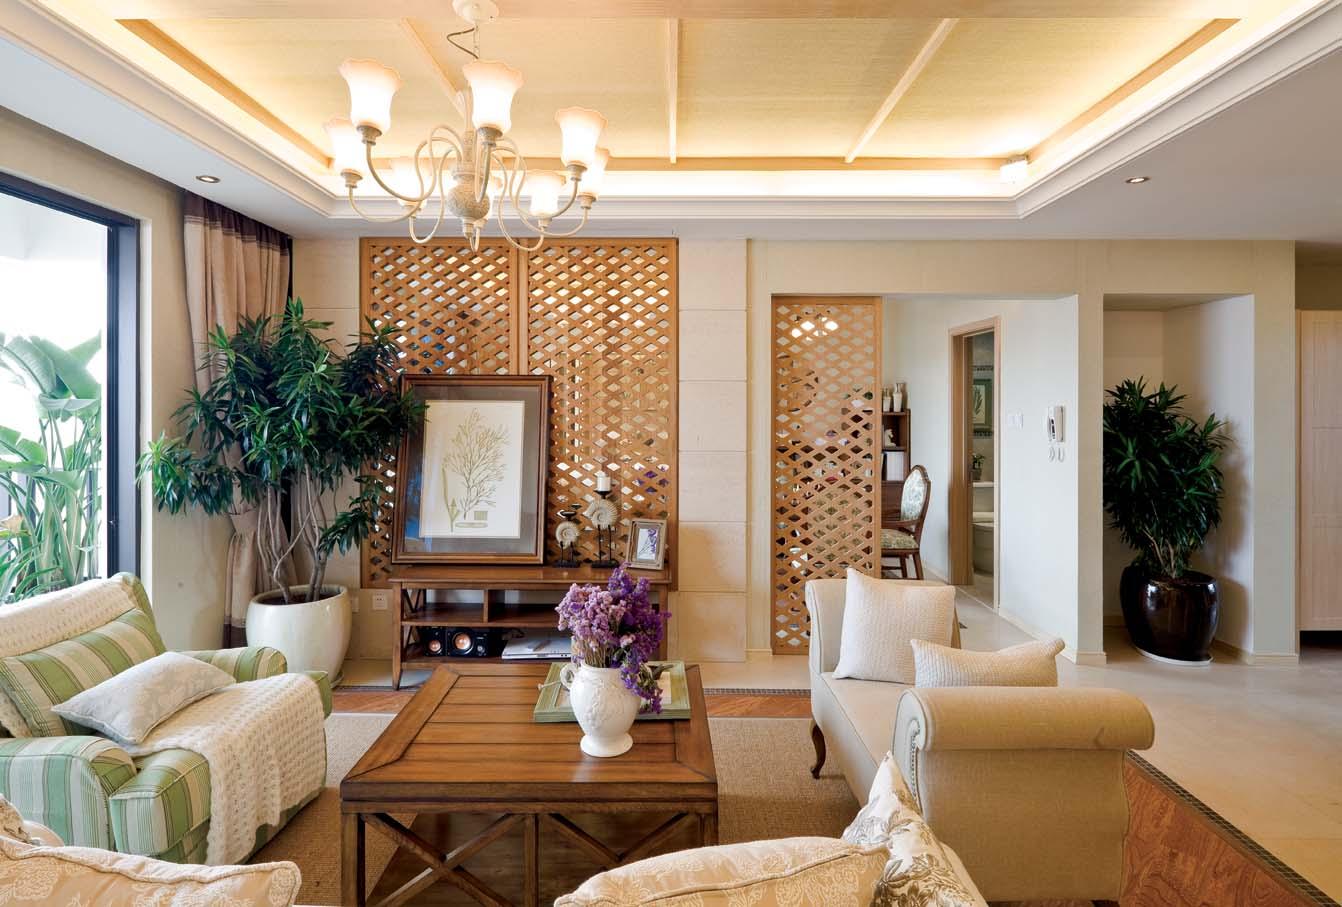 时尚简欧风格客厅装修效果图欣赏装修效果图